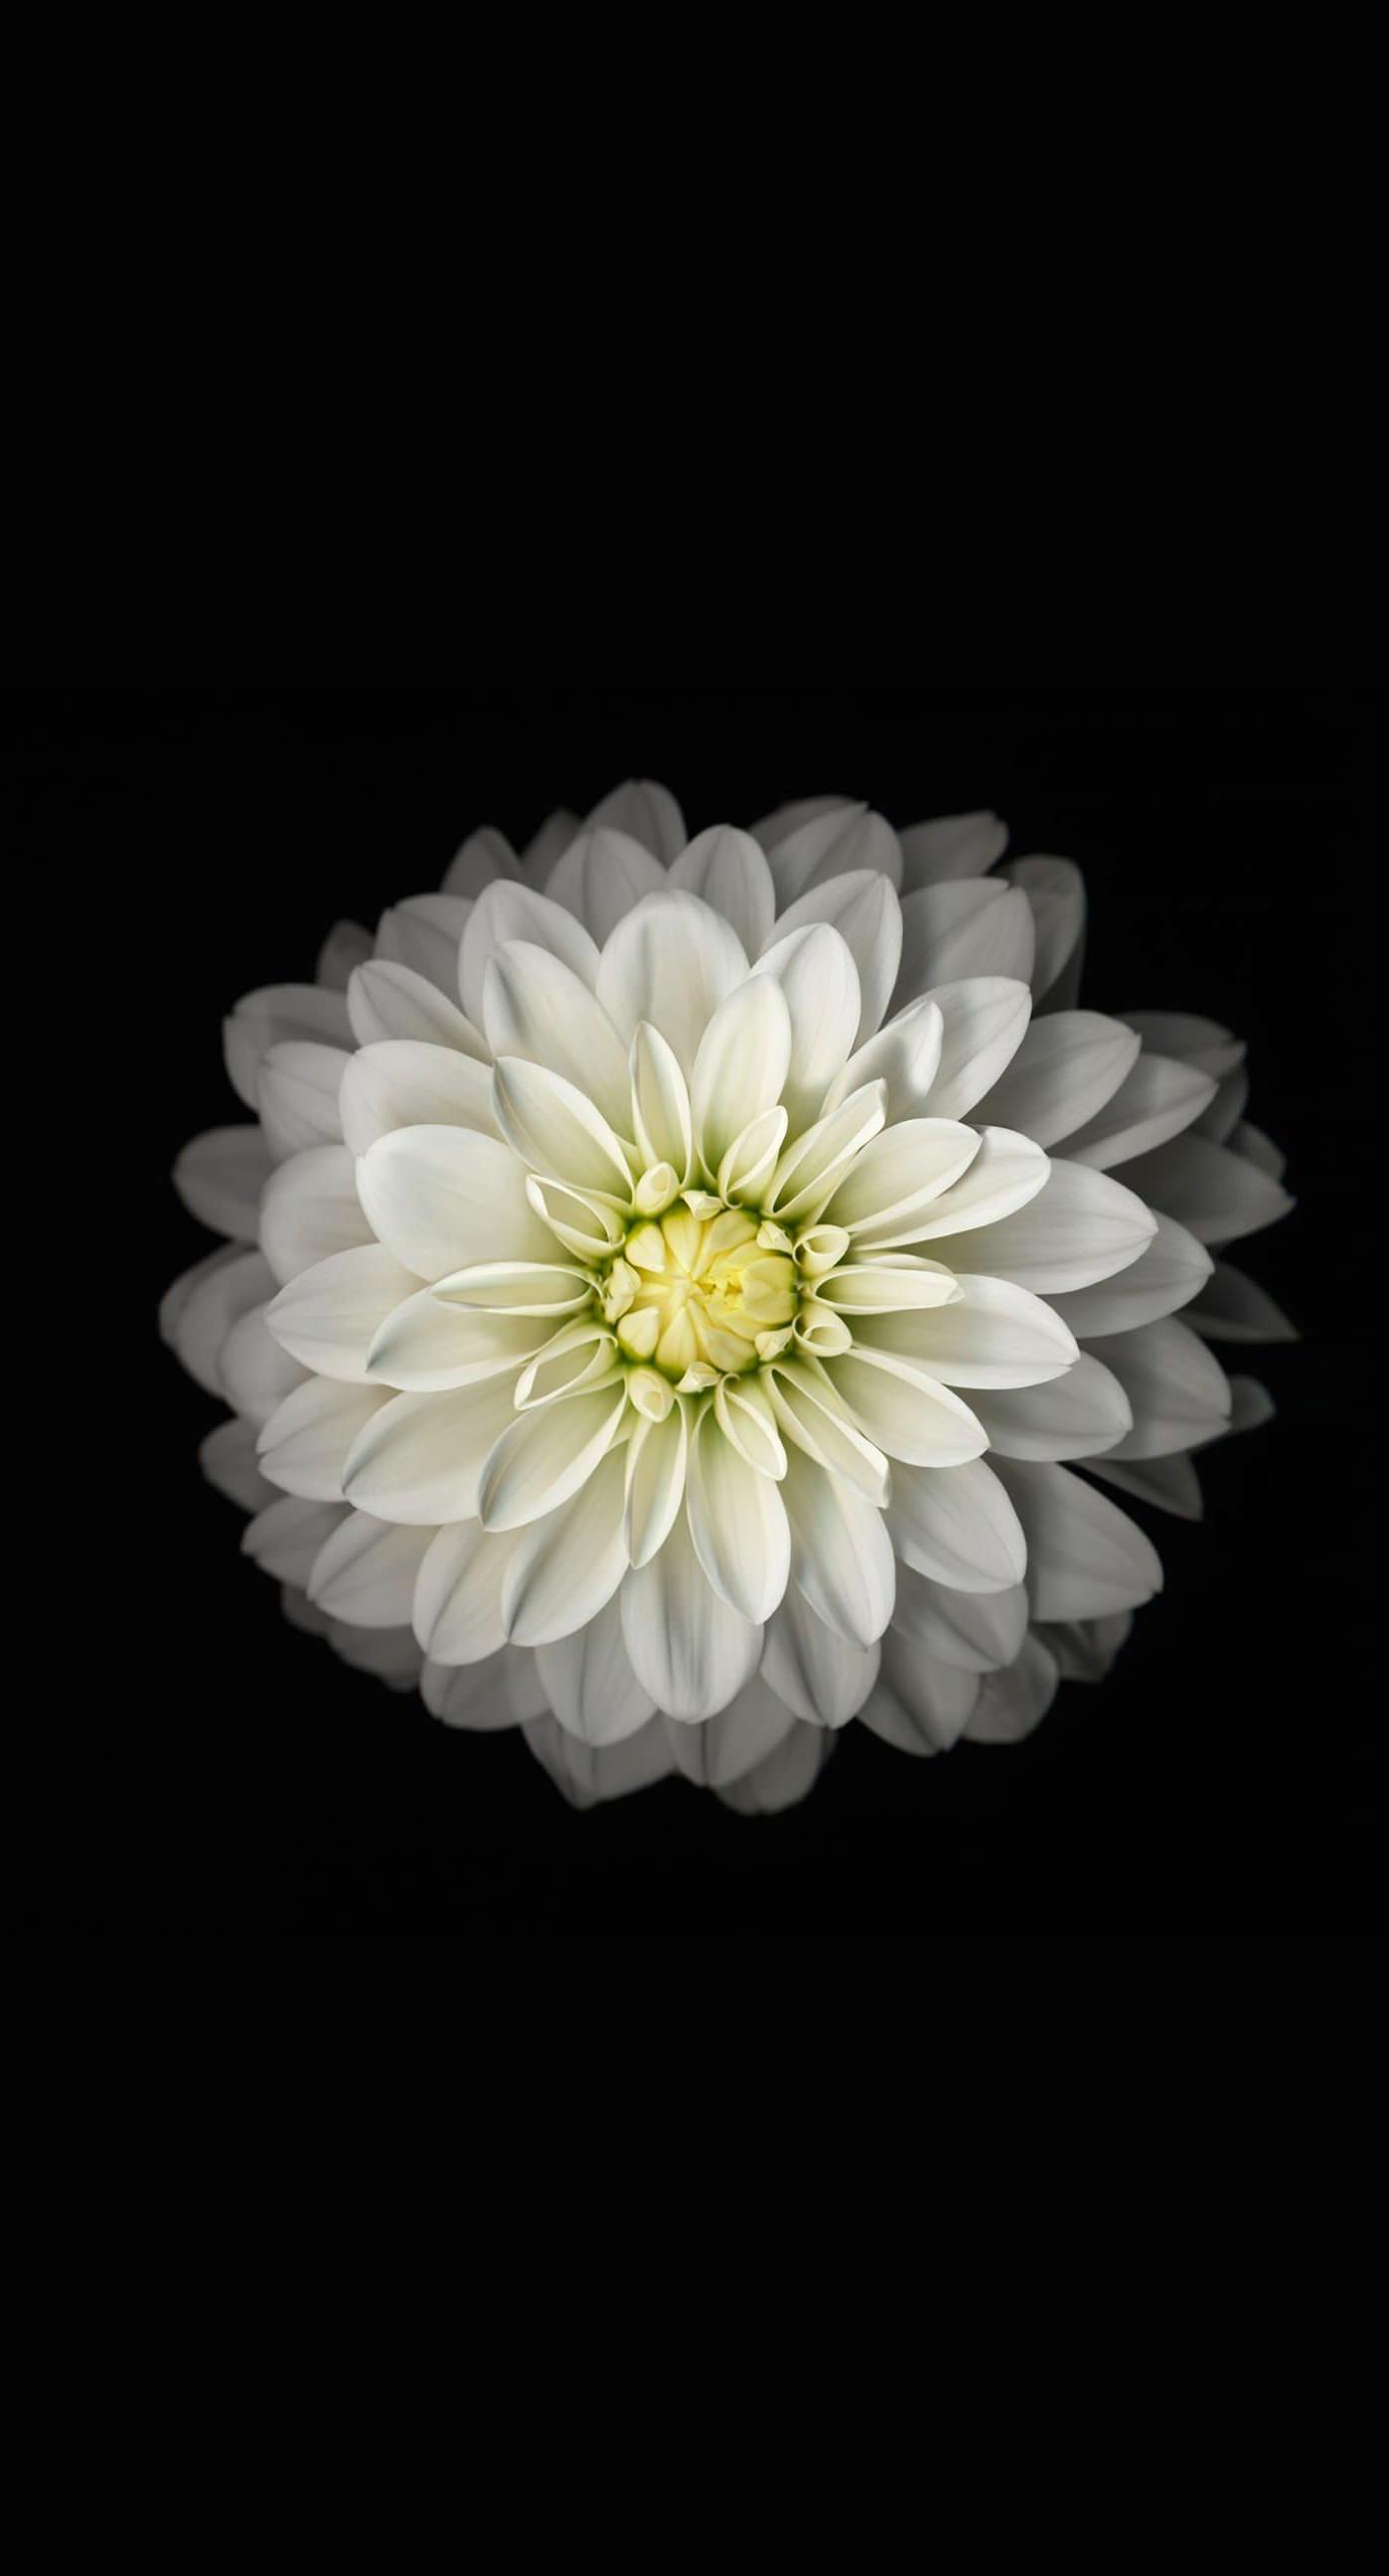 Bunga Hitam Putih Wallpaper Sc Iphone6splus